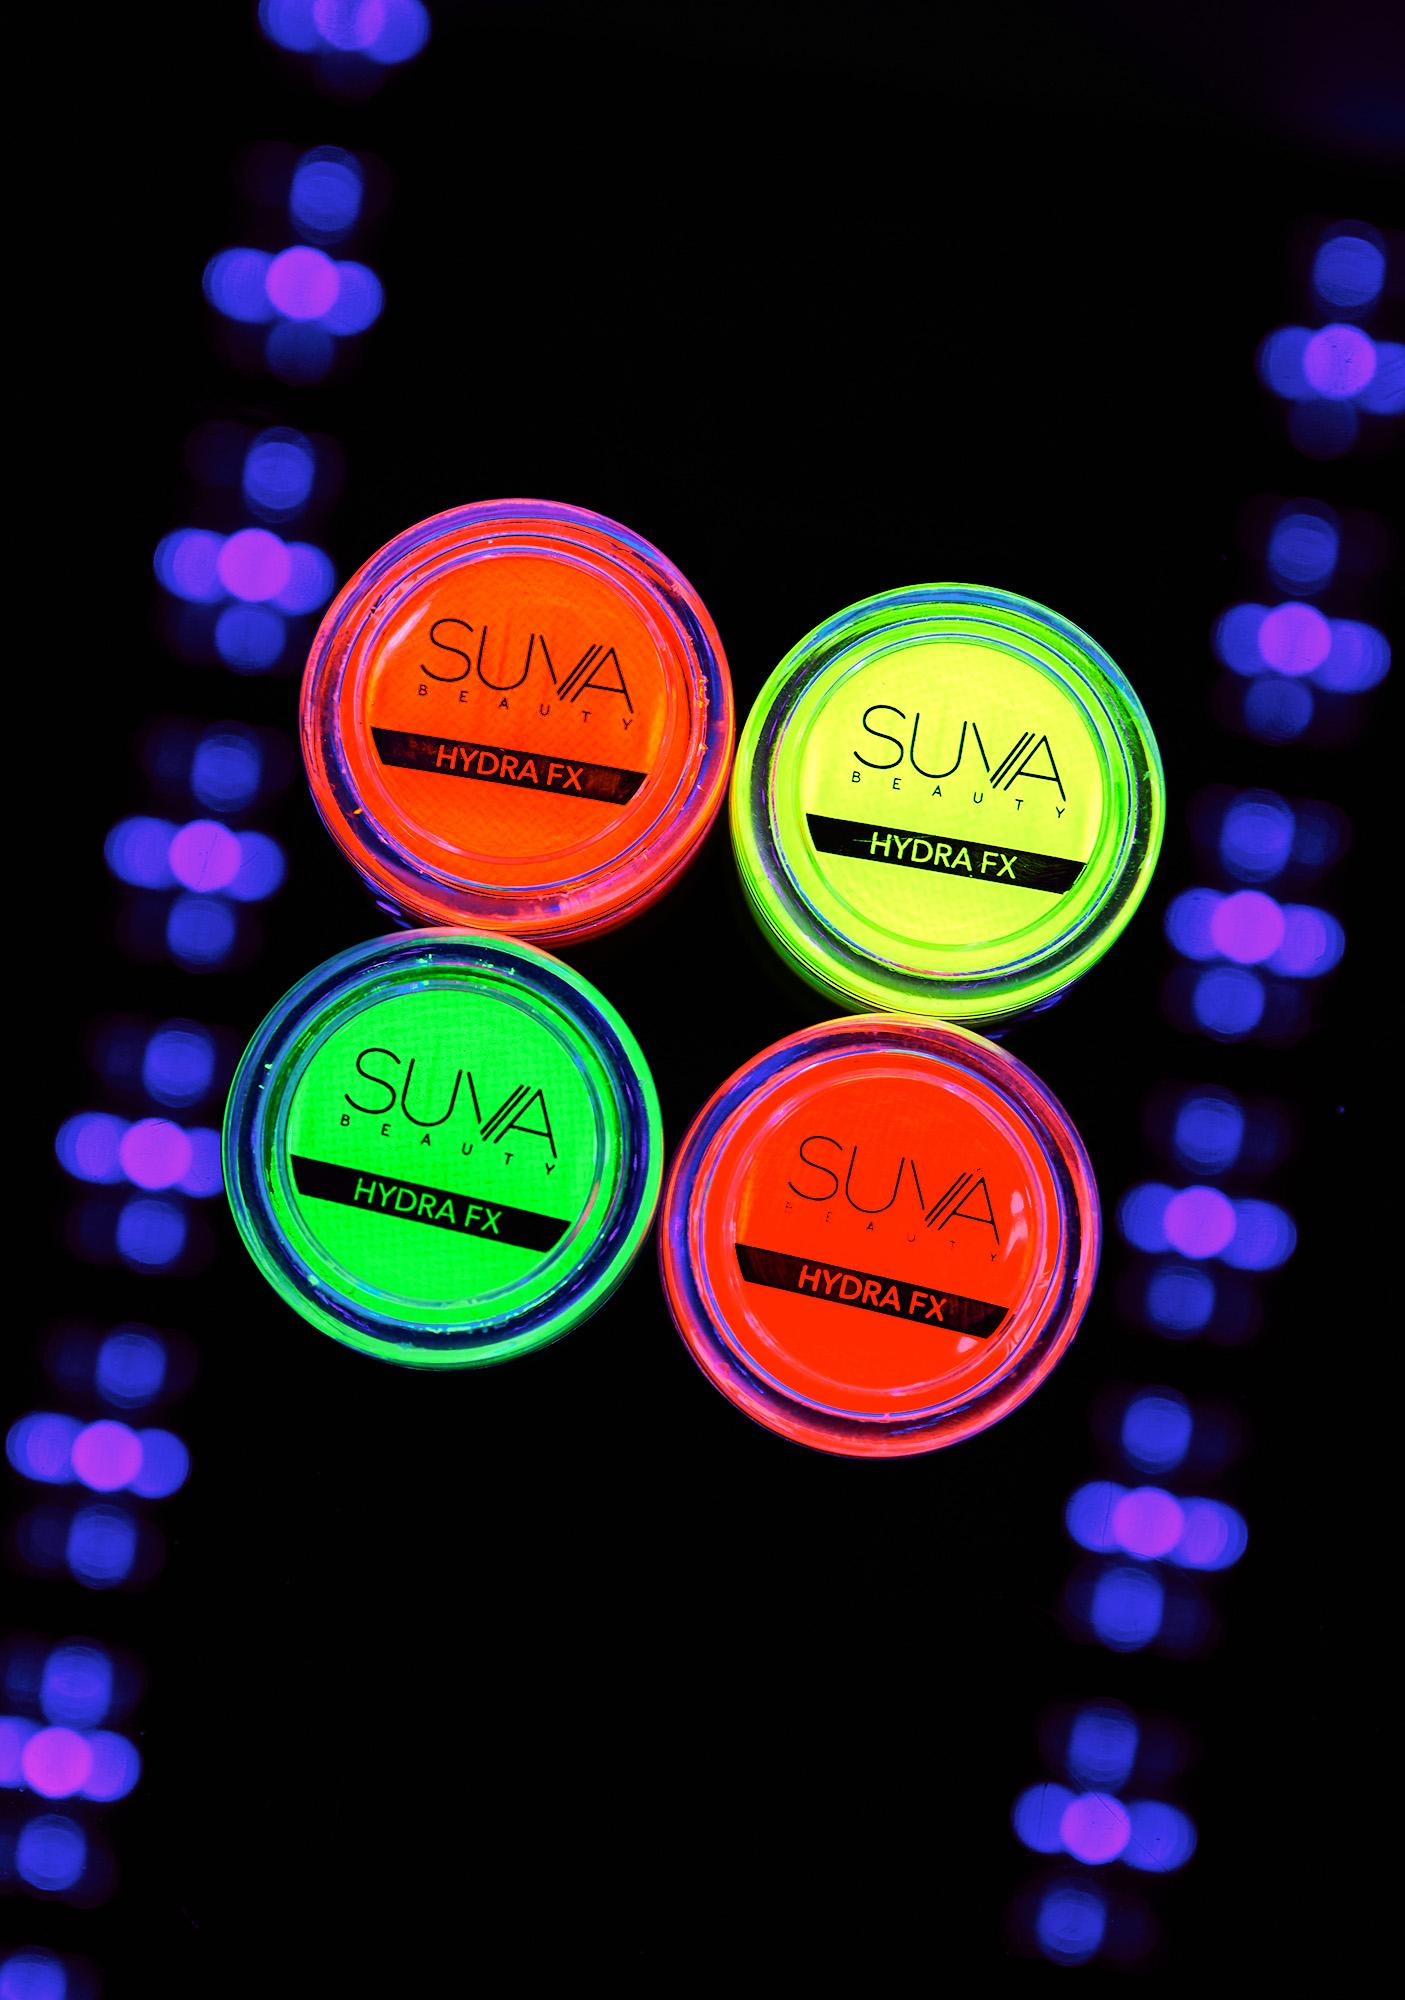 SUVA Beauty Dance Party UV Hydra FX